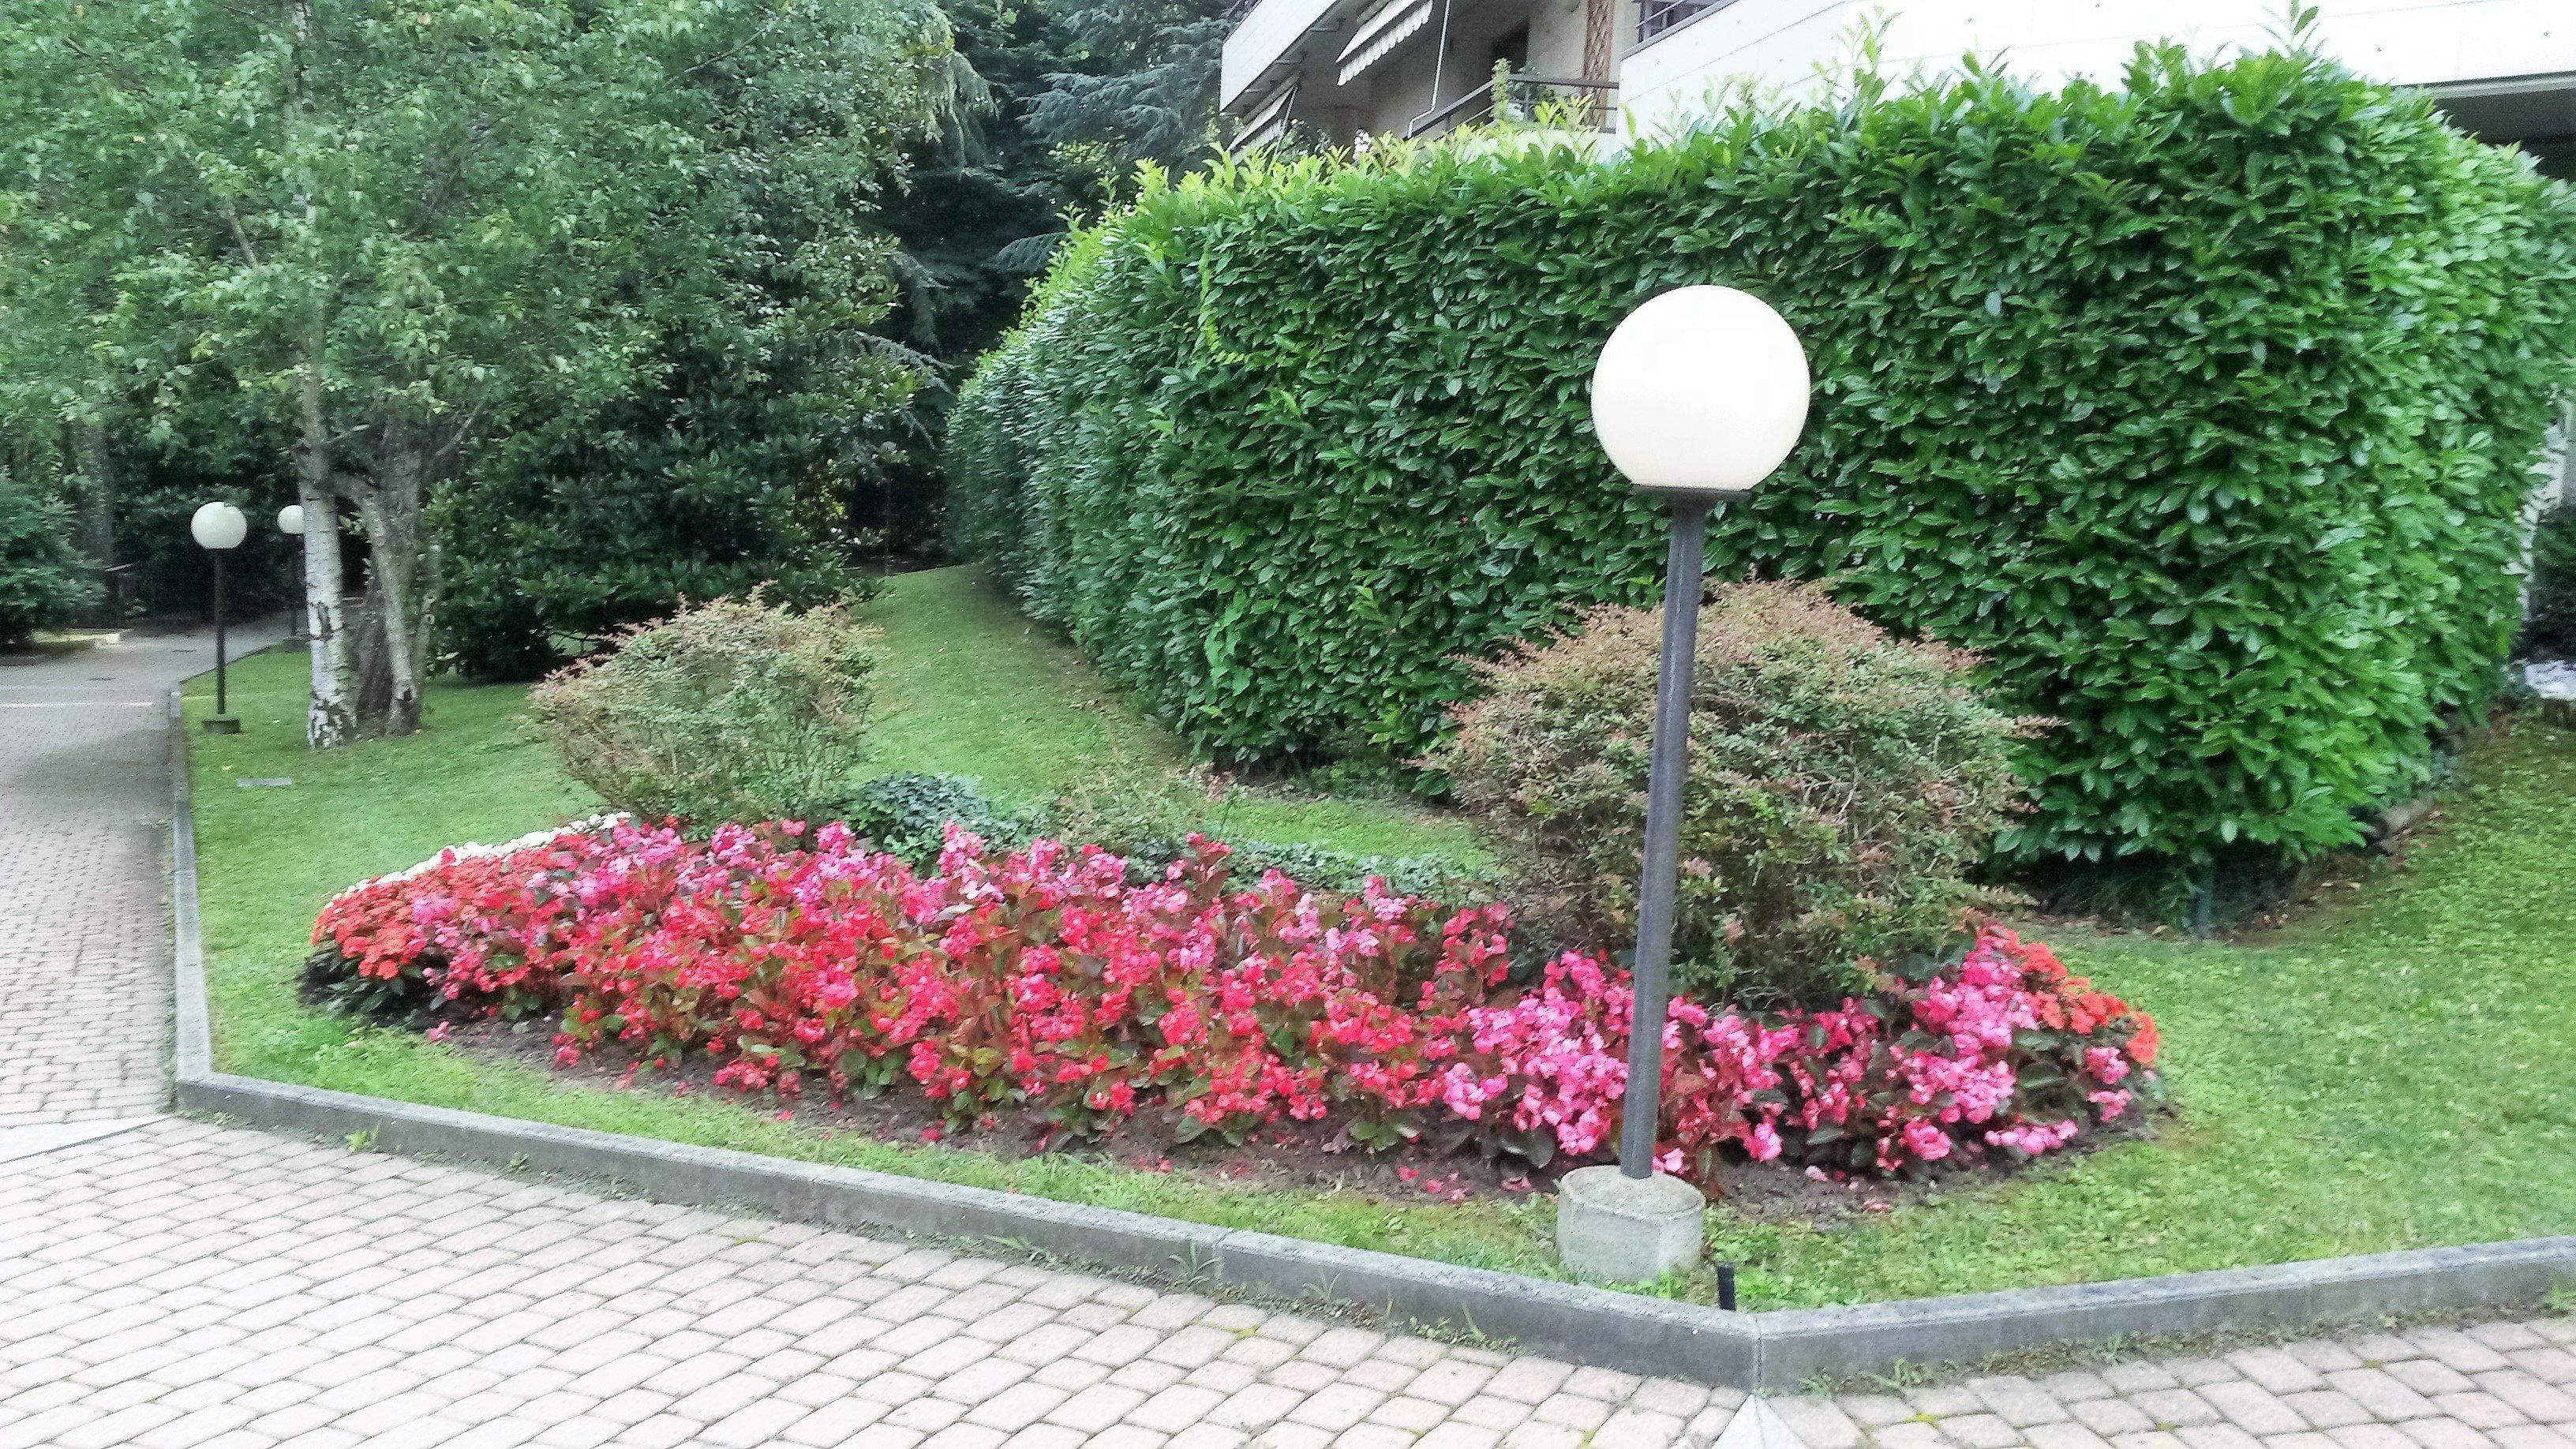 giardino curato con fiori e lampione